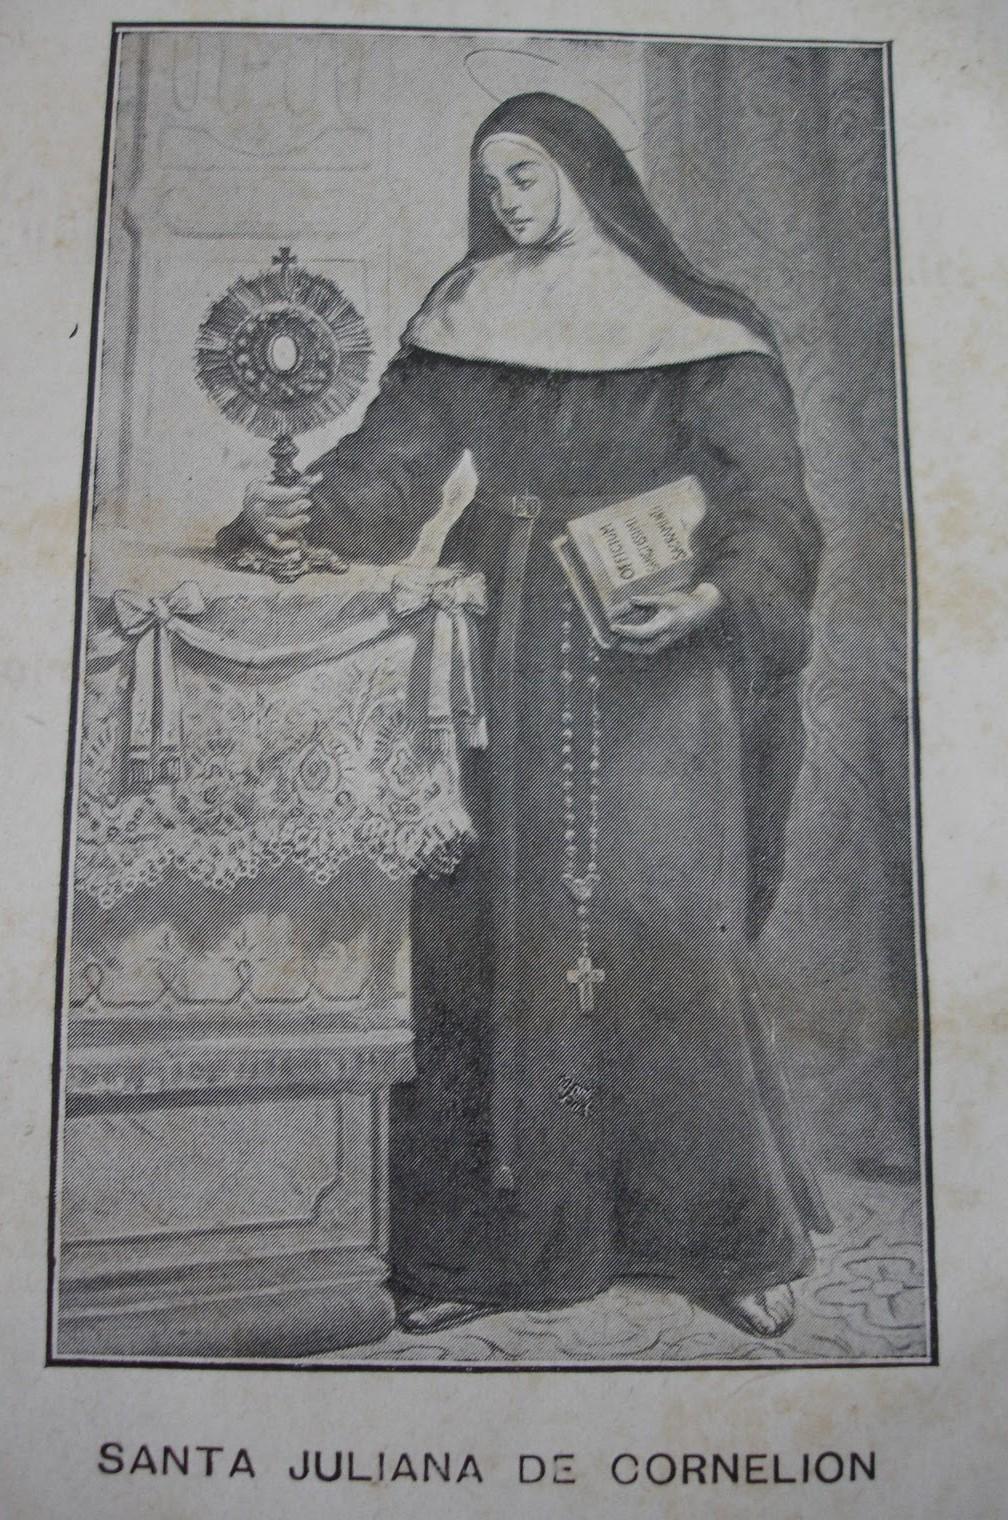 Santa Juliana de Cornelion